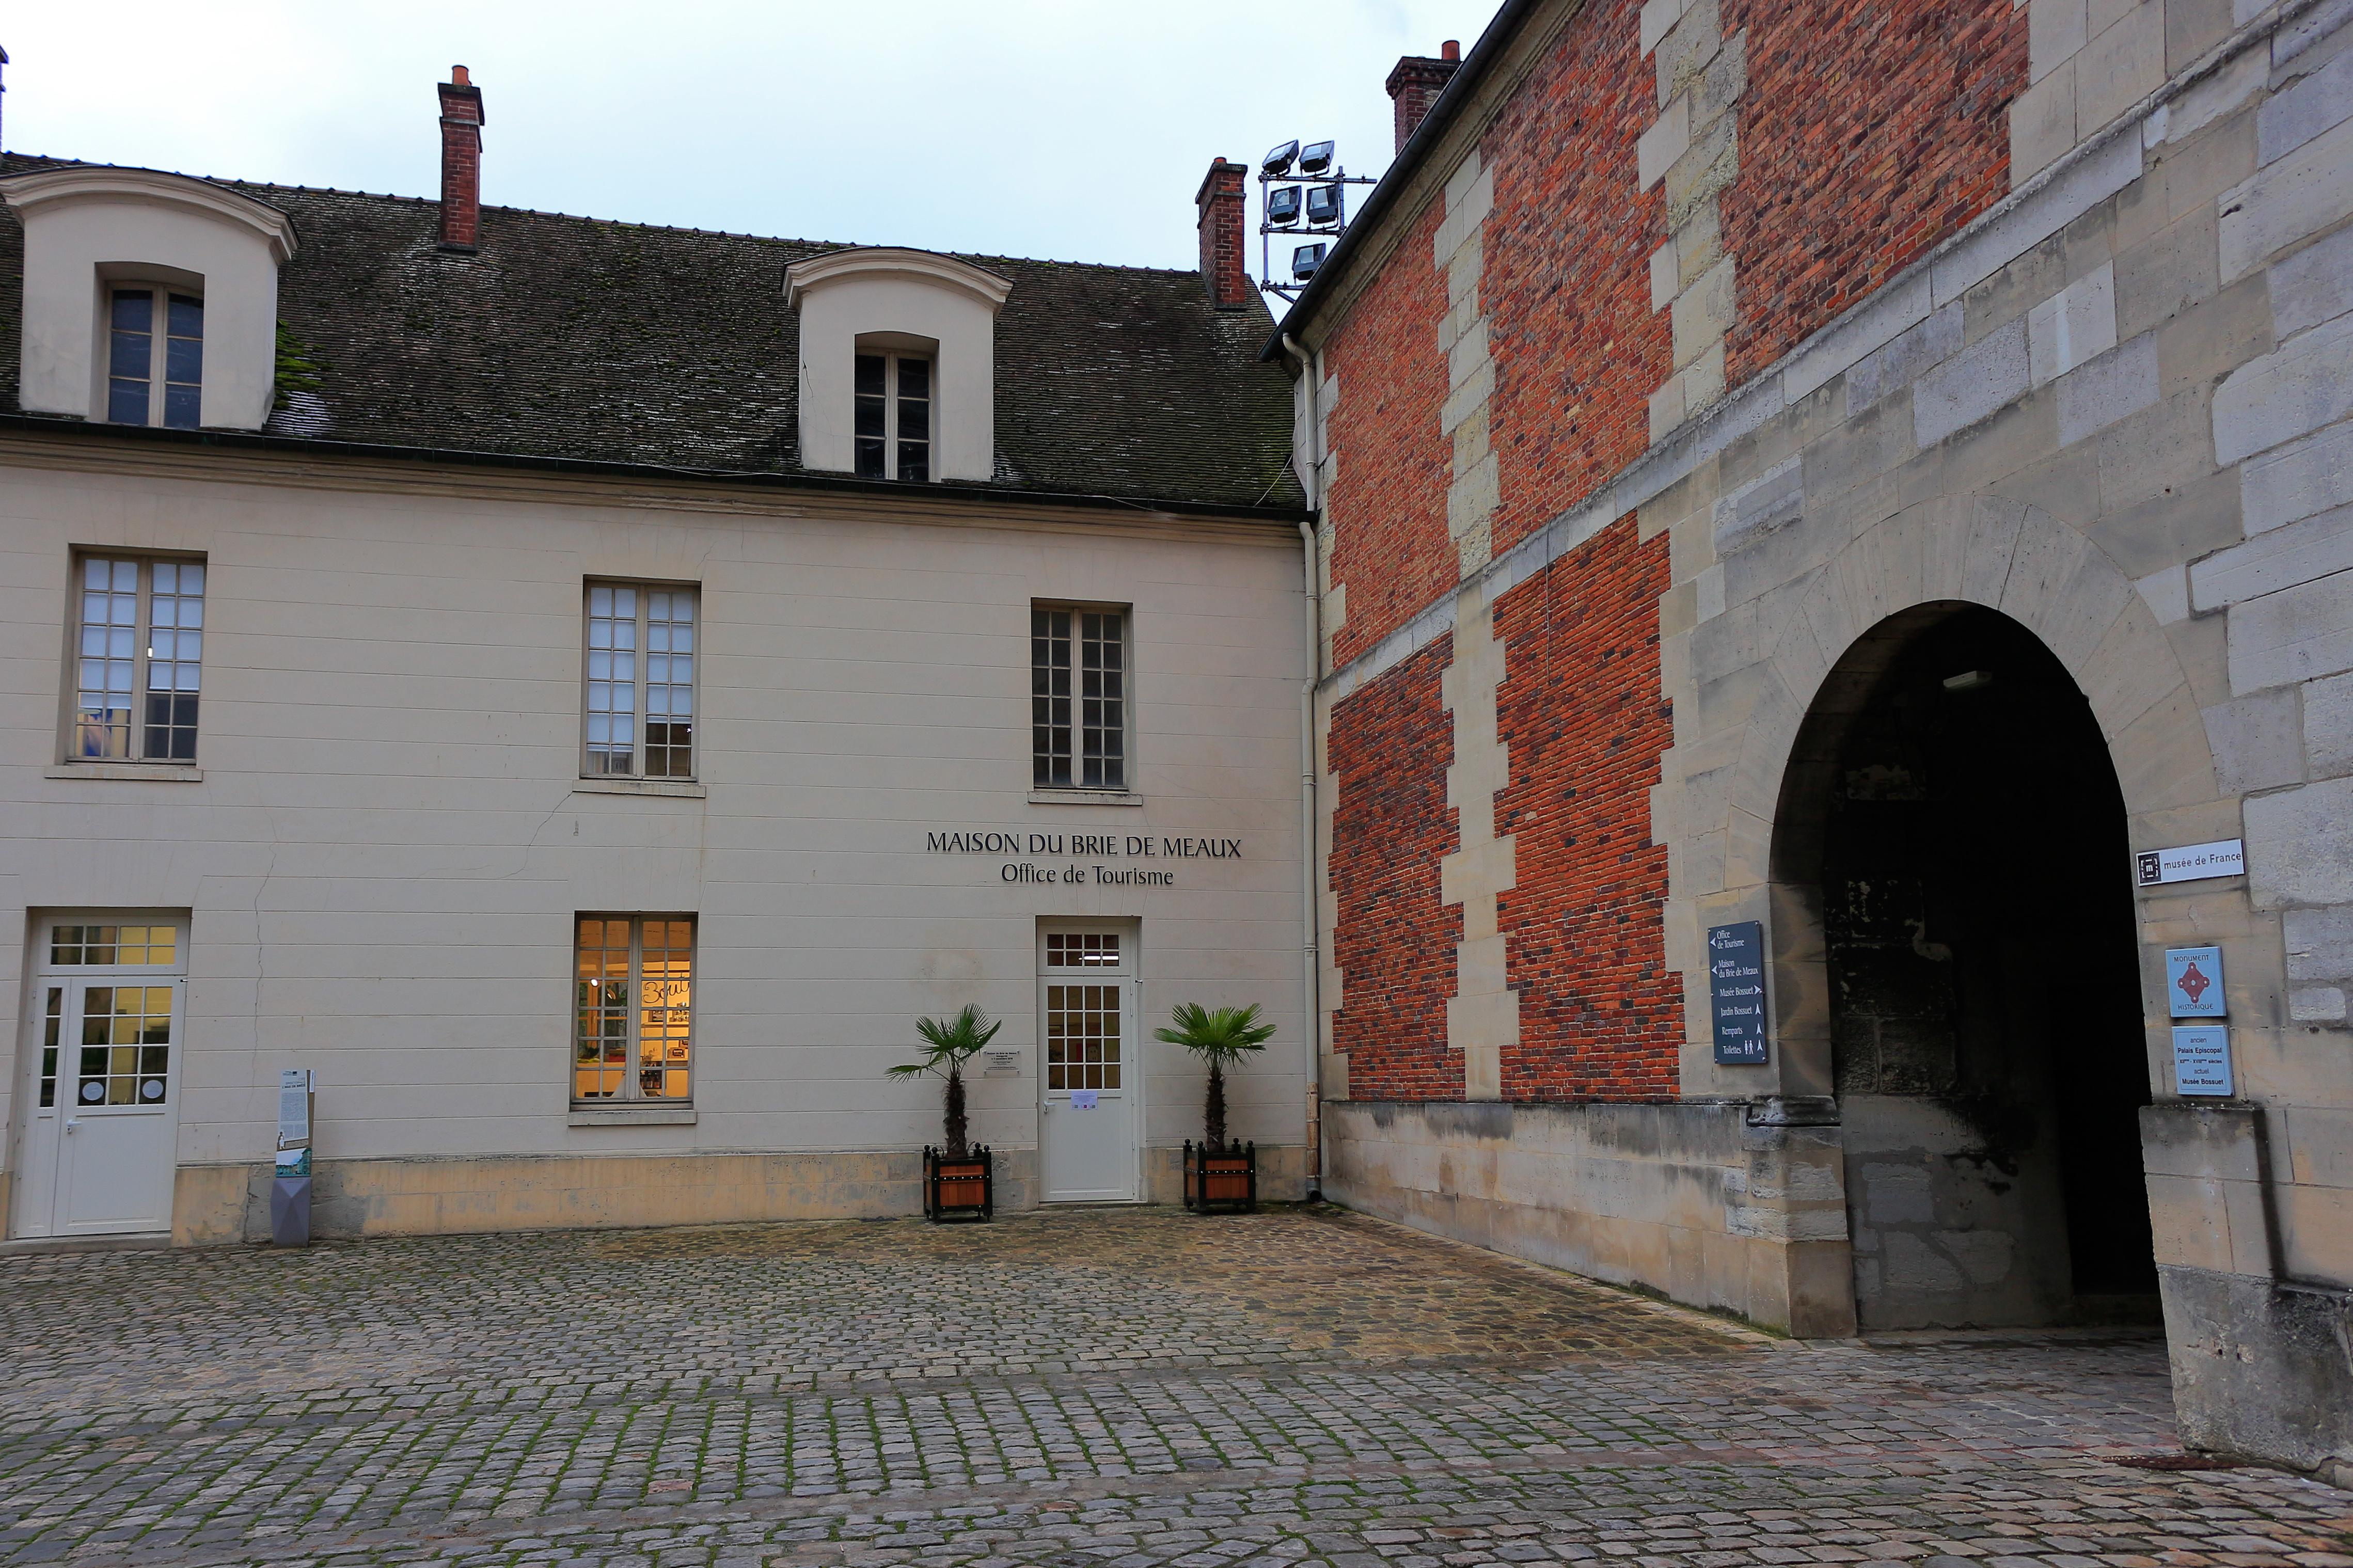 Office de tourisme du pays de meaux le site officiel du tourisme en seine et marne c 39 est l - Office du tourisme seine et marne ...